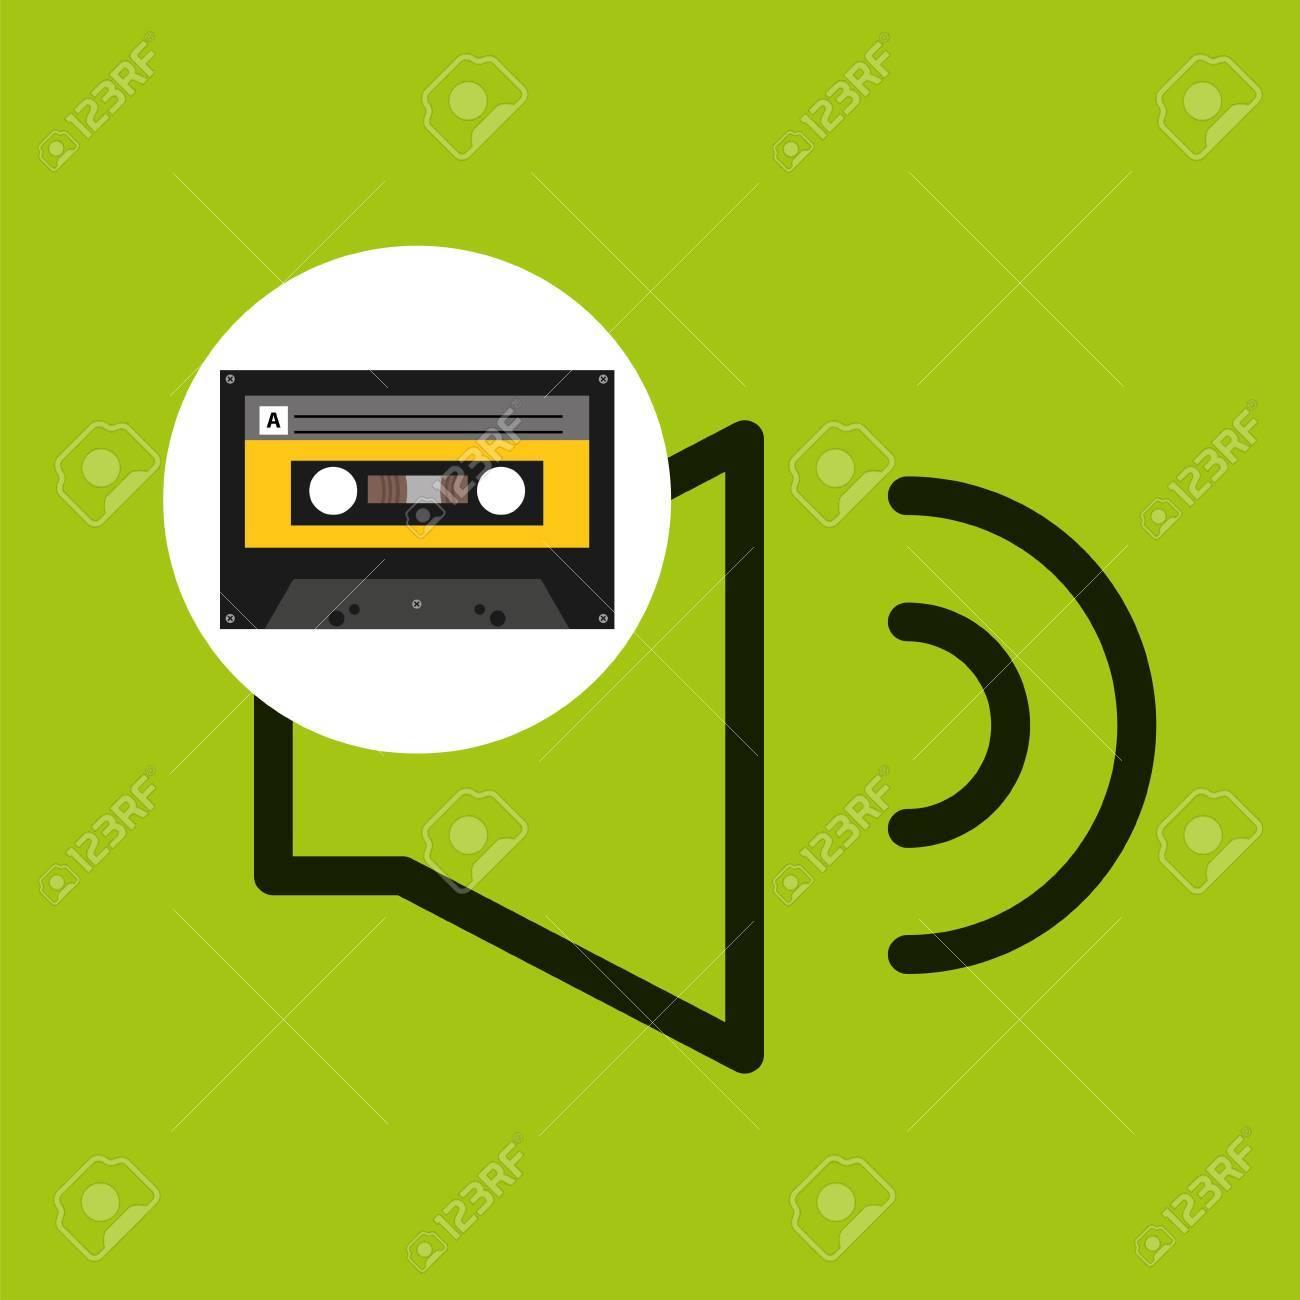 ボリュームの音楽カセット テープ ベクトル イラスト Eps 10のイラスト